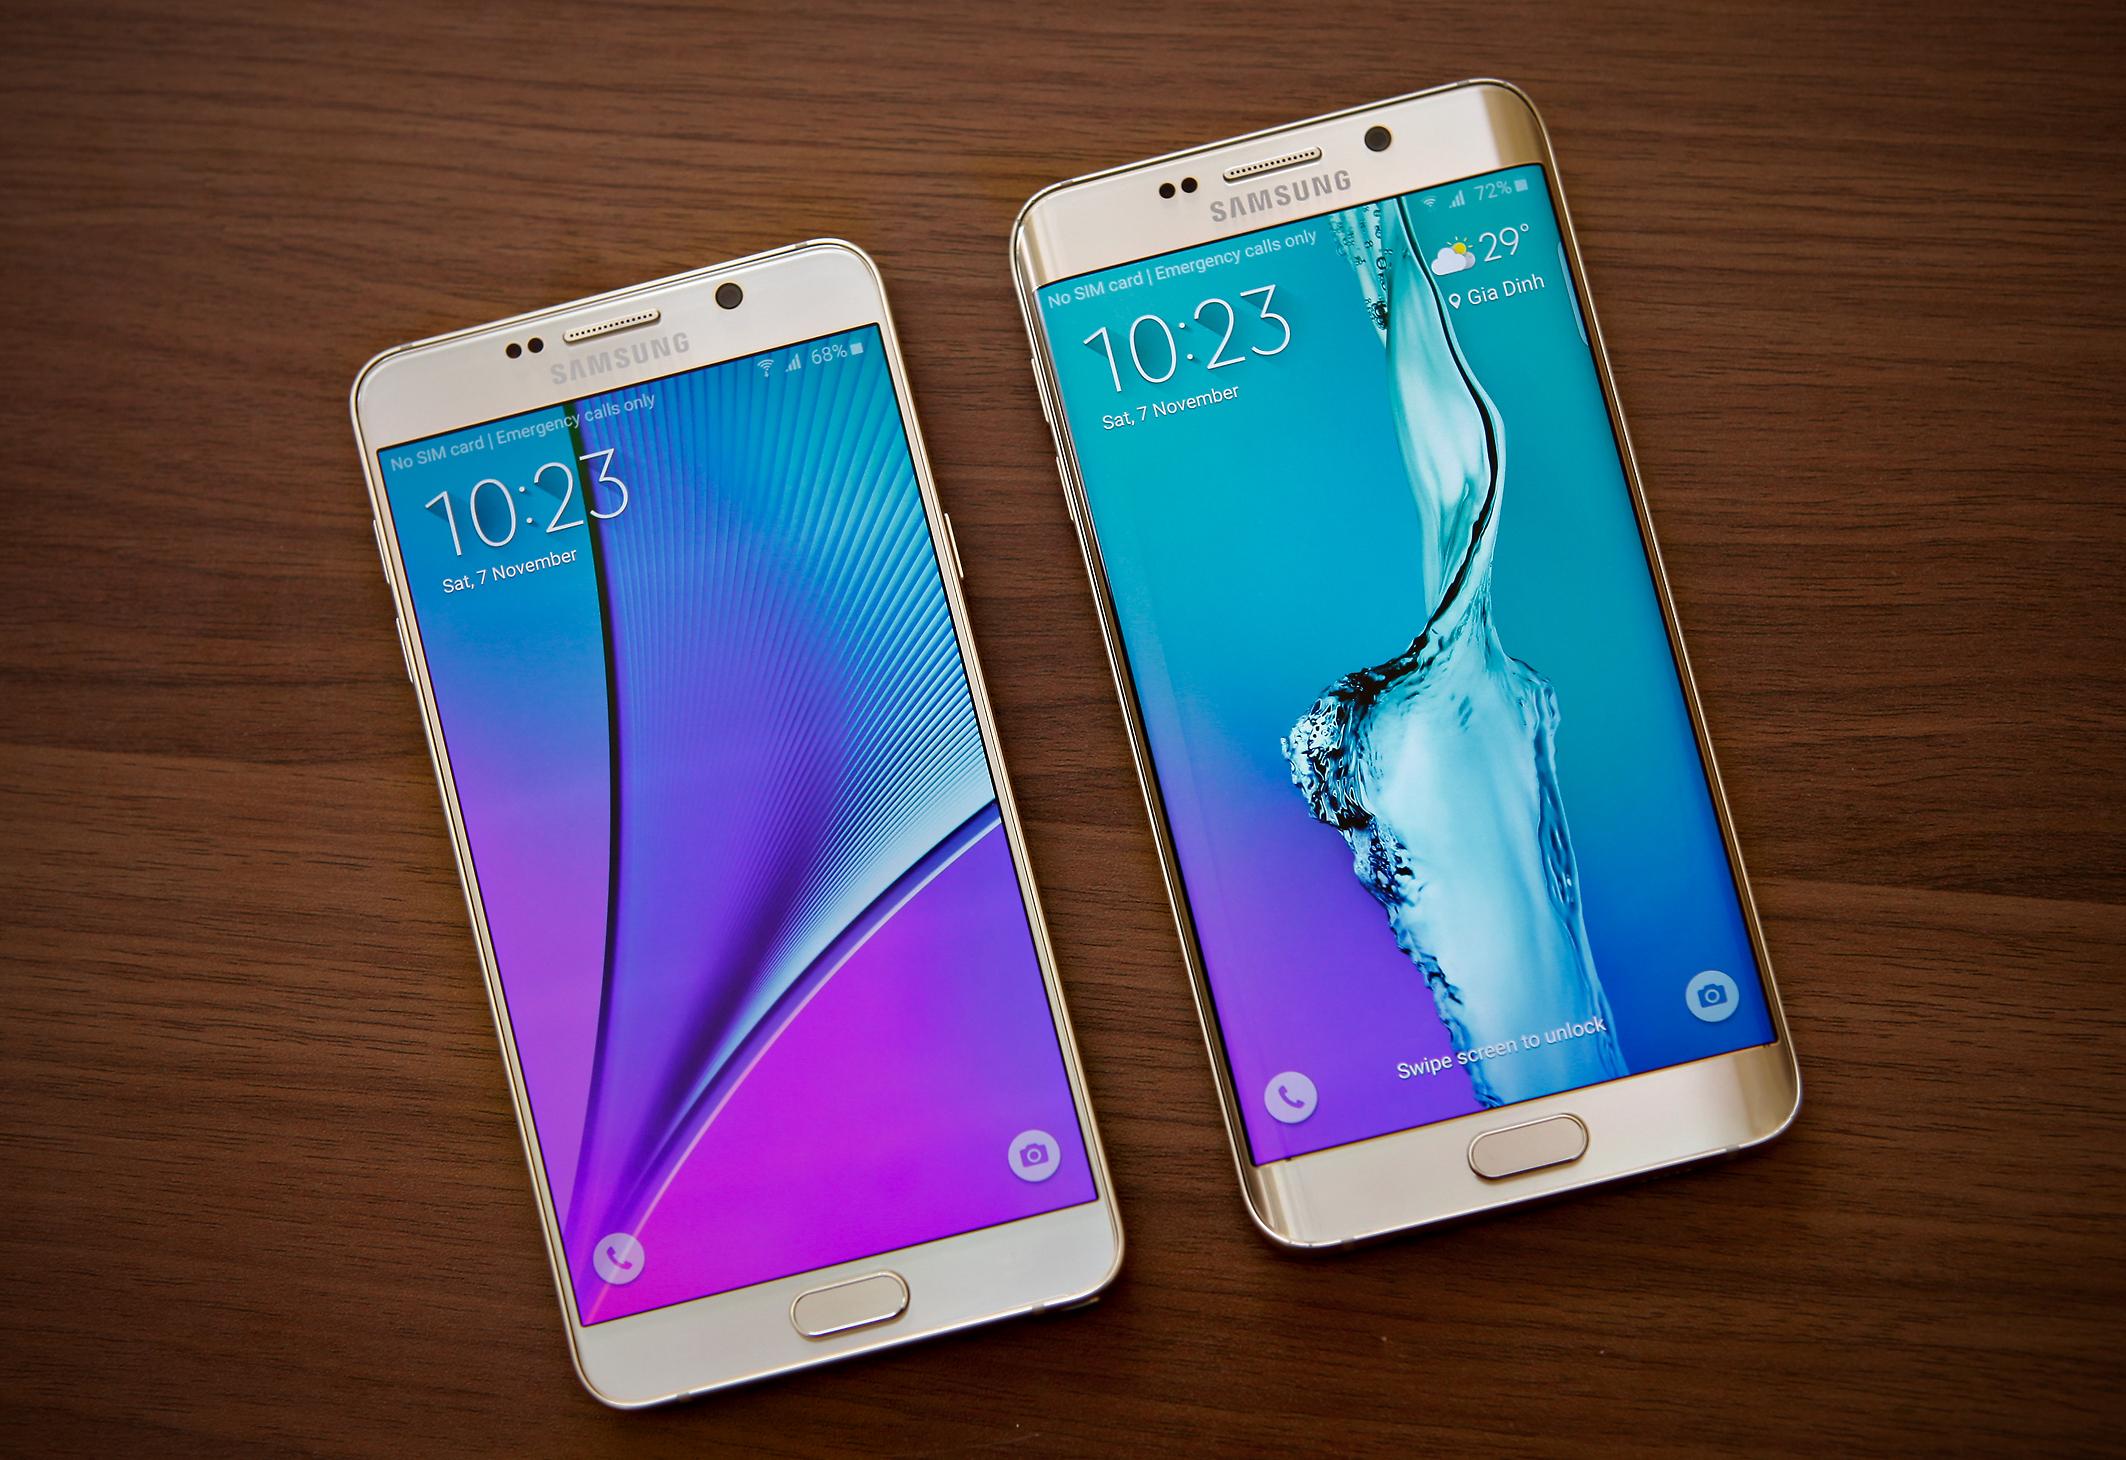 Diện mạo Galaxy S6 Edge Plus và Note 5 khác biệt mà thống nhất